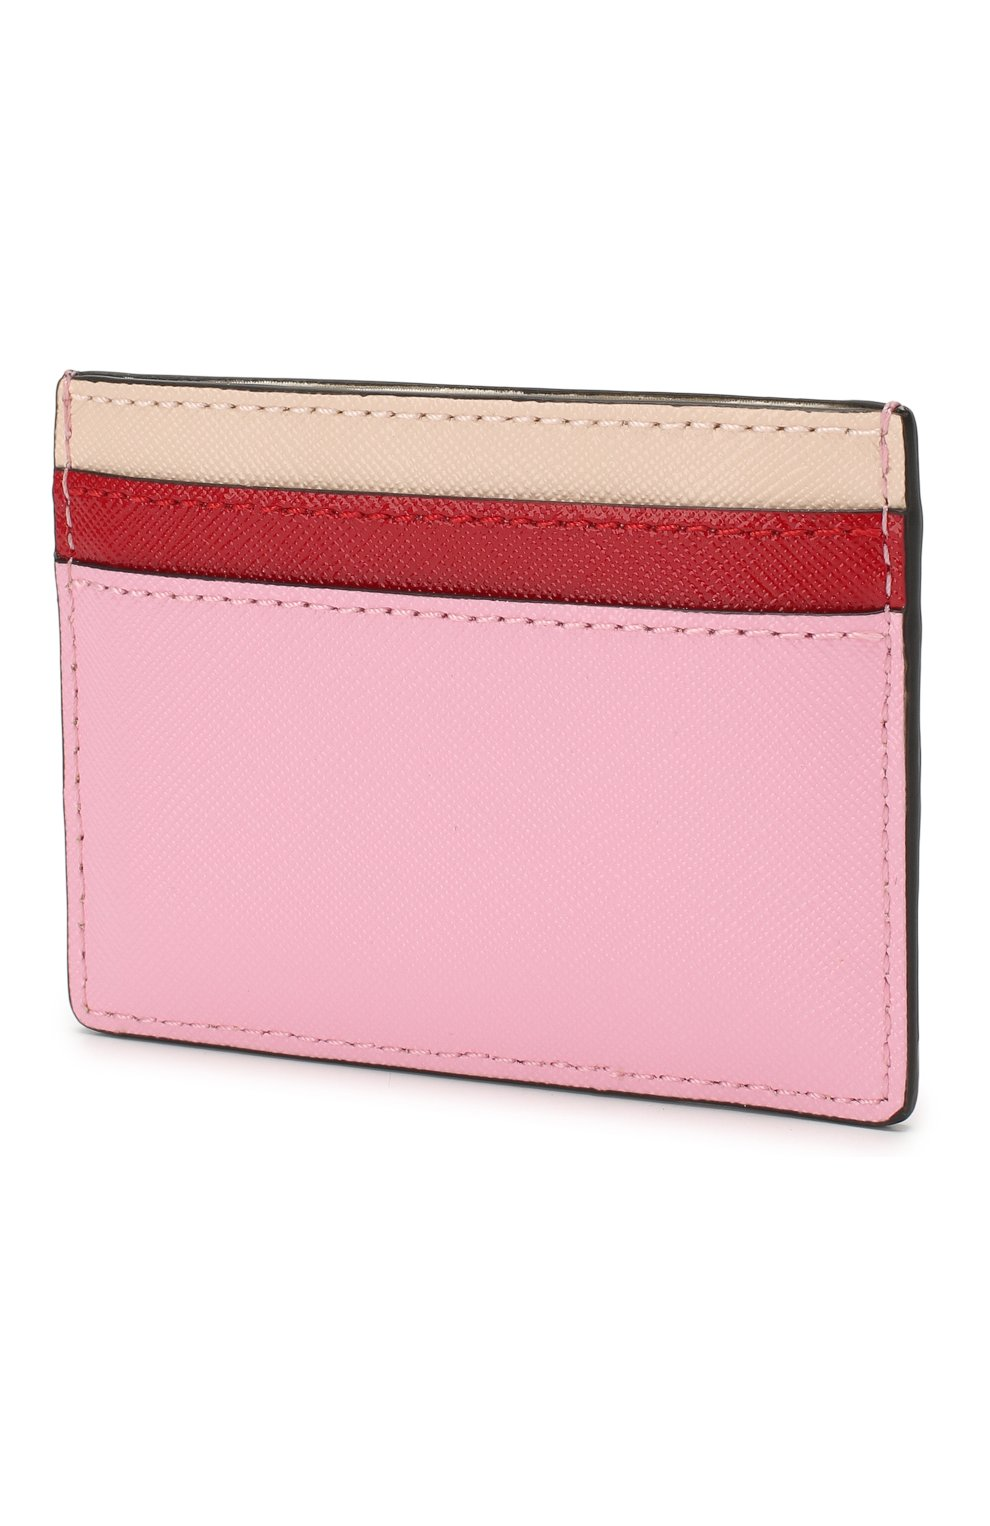 Женский кожаный футляр для кредитных карт MARC JACOBS (THE) светло-розового цвета, арт. M0013355   Фото 2